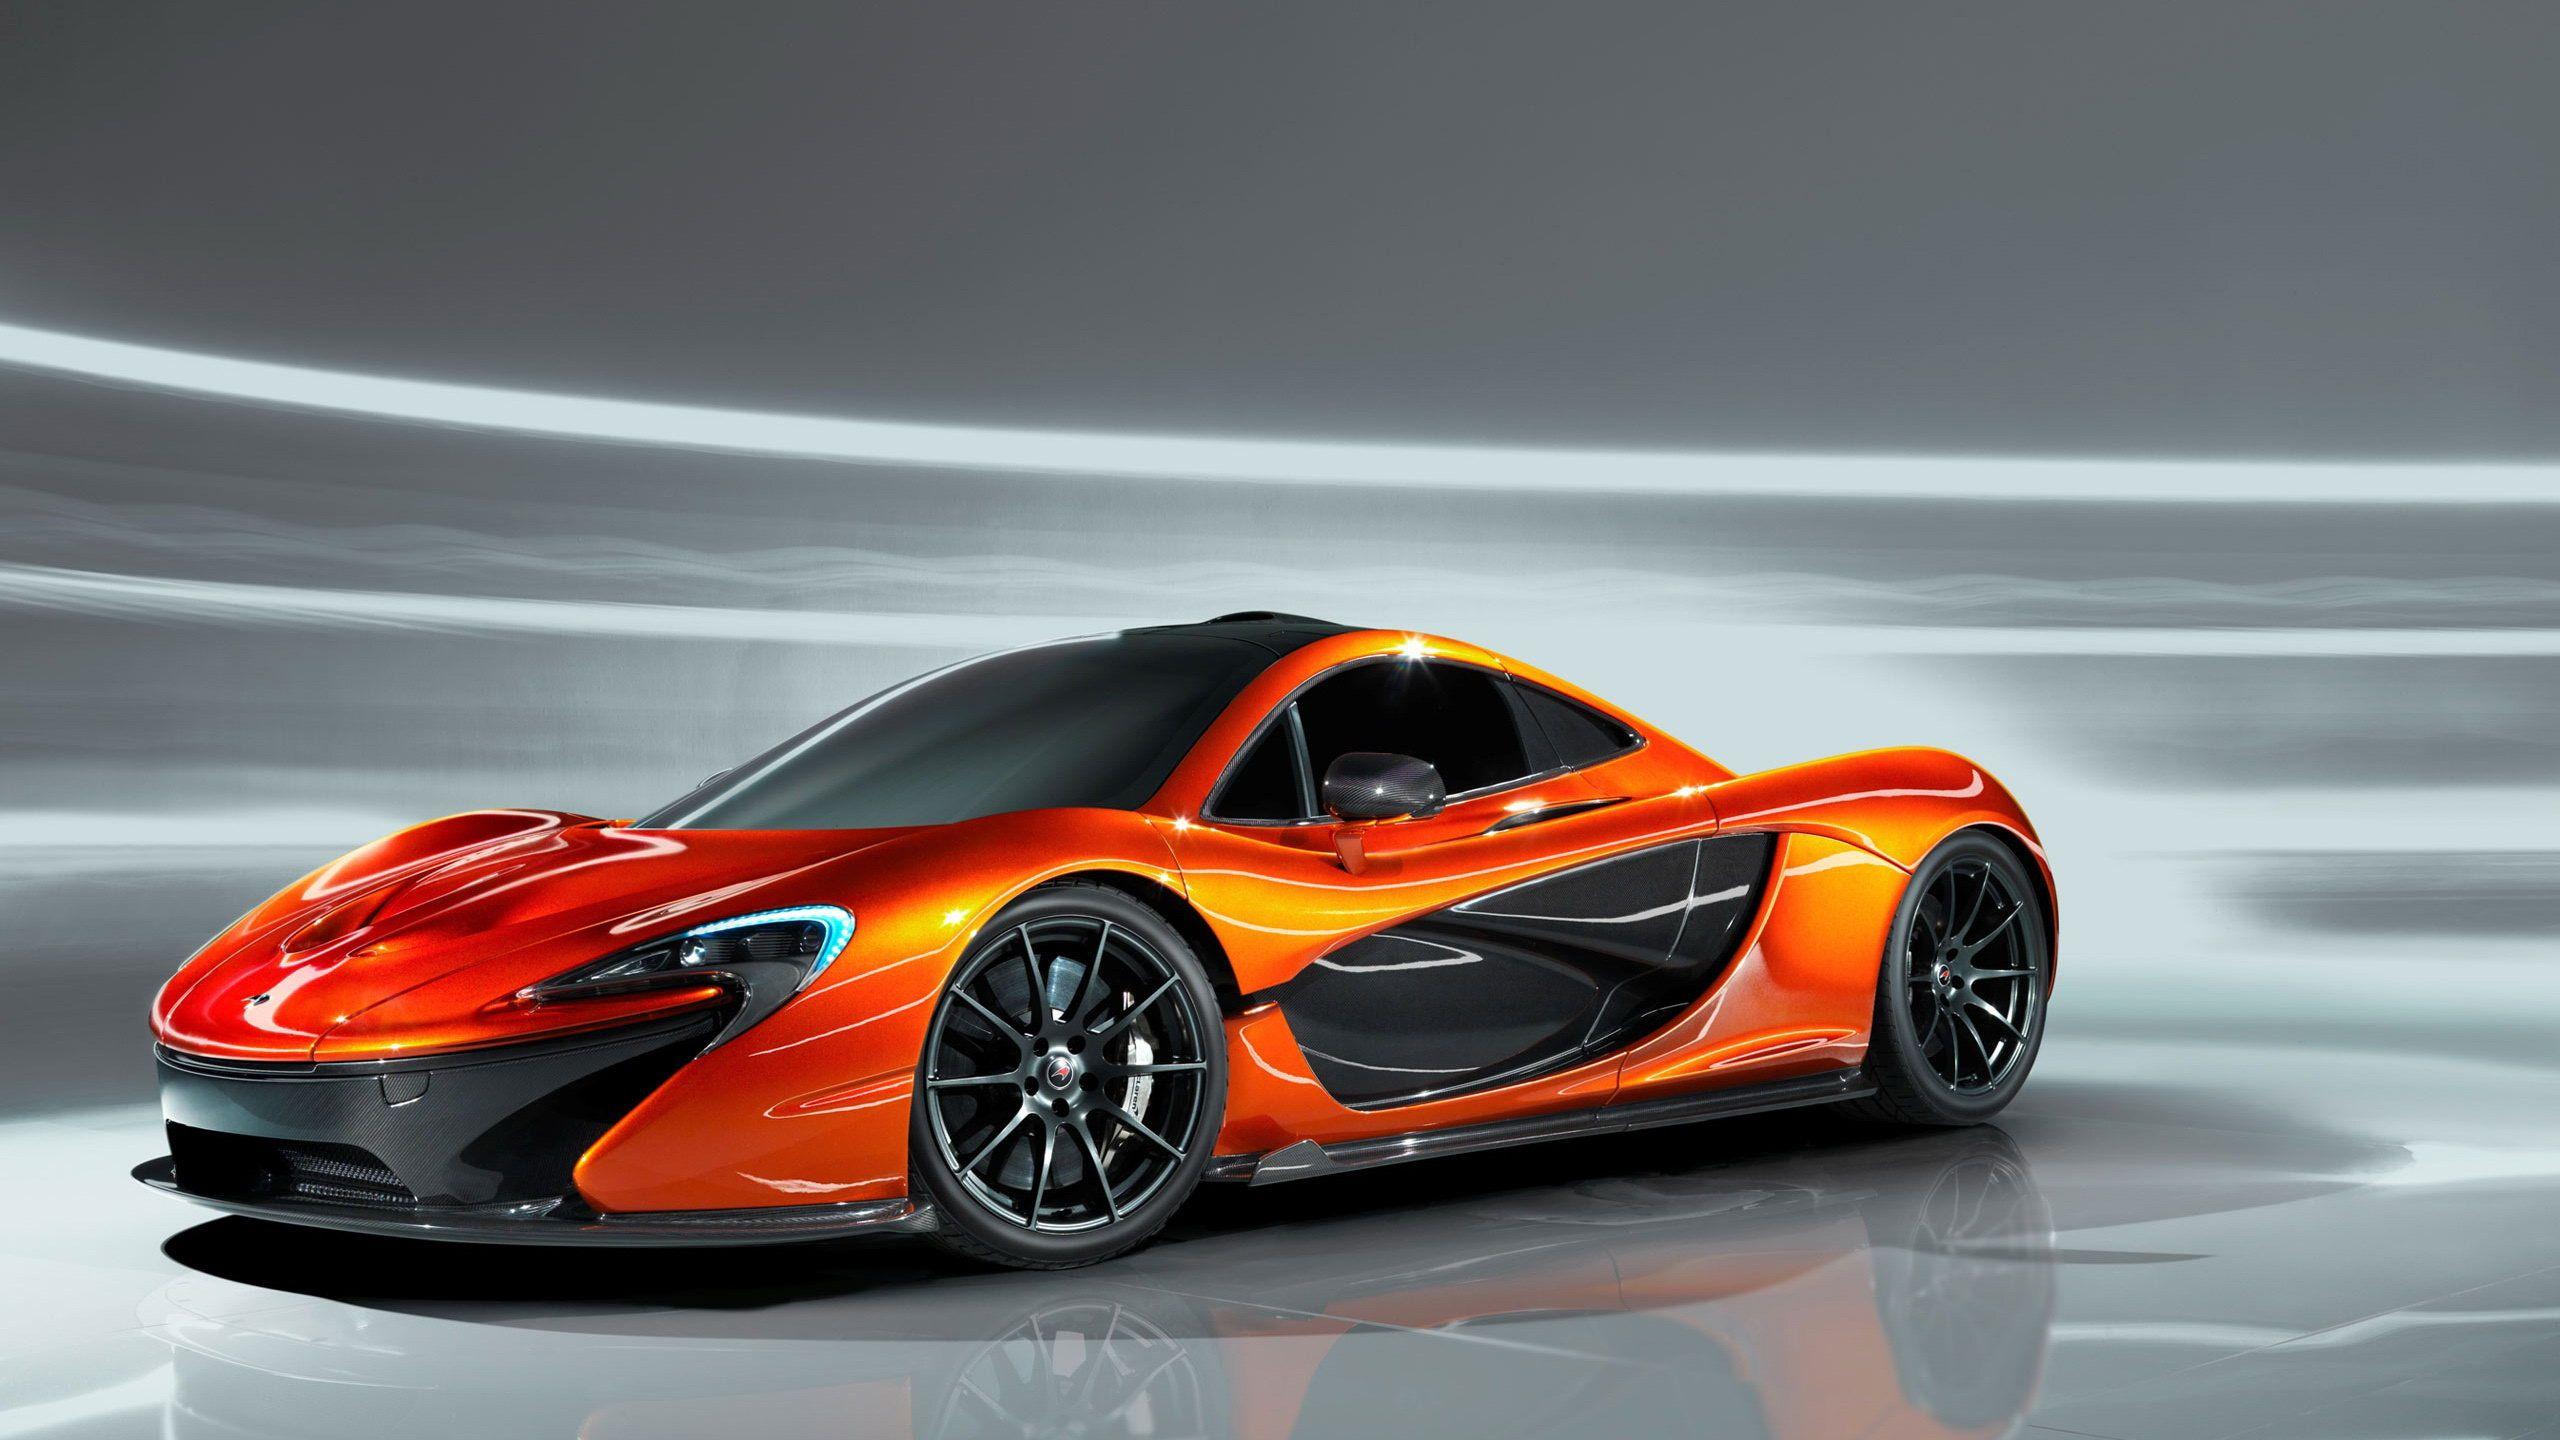 2014 concept cars | Cool 2014 McLaren P1 Concept sports ...